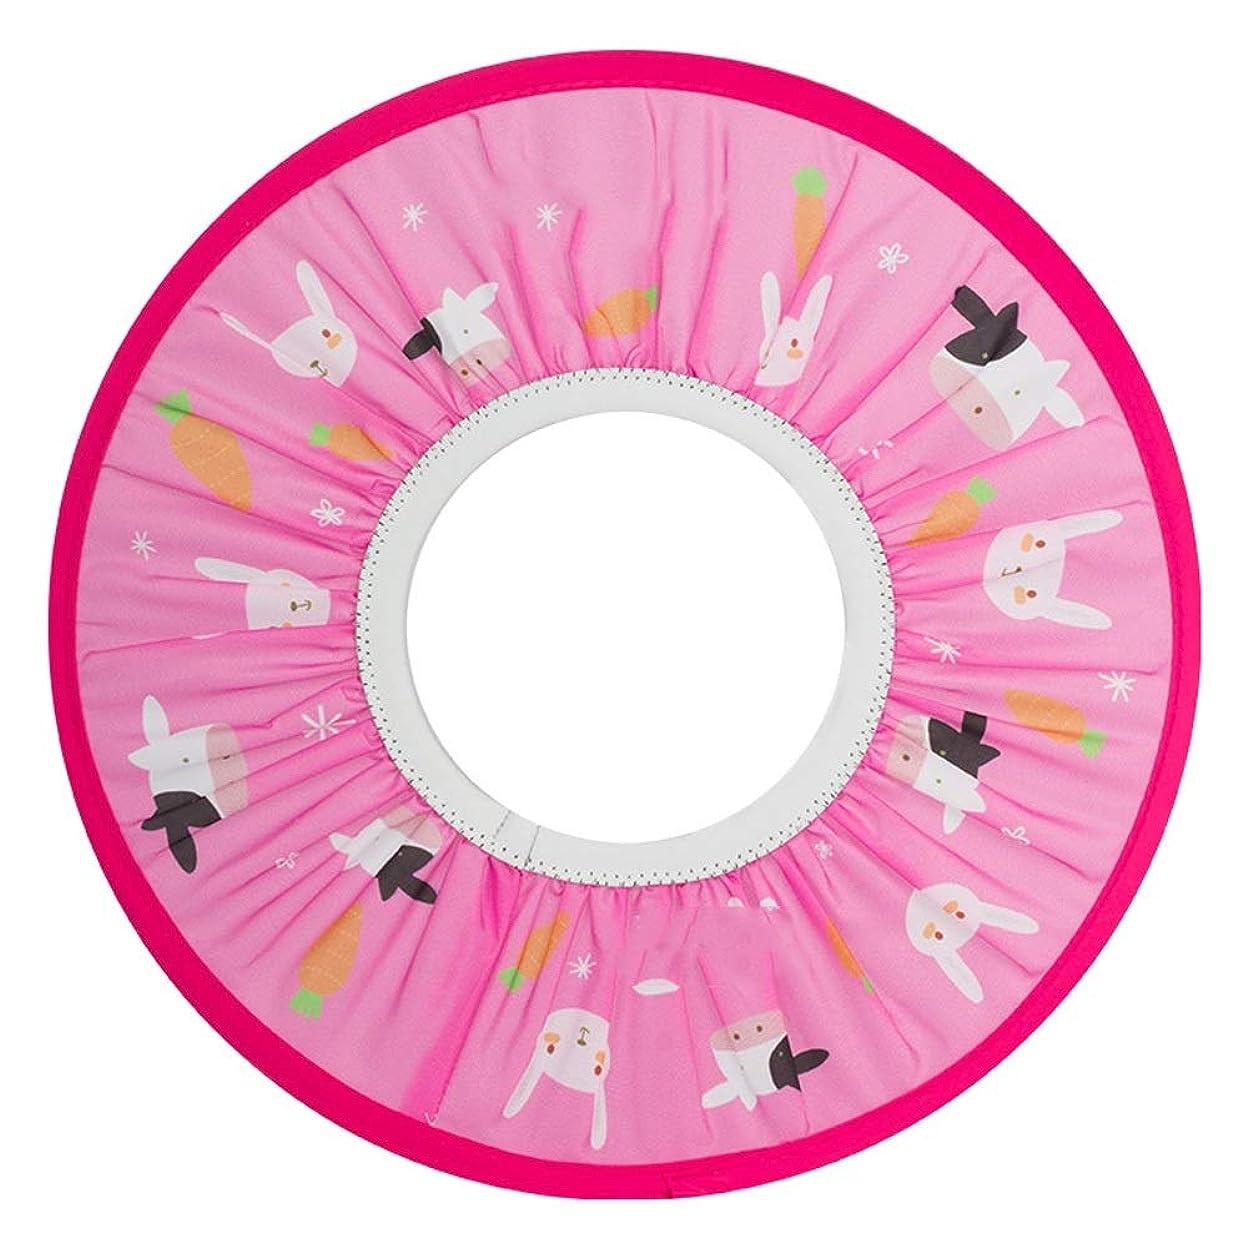 脅かす規制する洗剤Zhenxinshiyi 子供用防水イヤーマフシャンプーキャップ防水キャップウォッシュヘアアーティファクト伸縮性伸縮性自由調整防水コーティングファブリック素材軽くて壊れにくい耐久性 (Color : Pink)